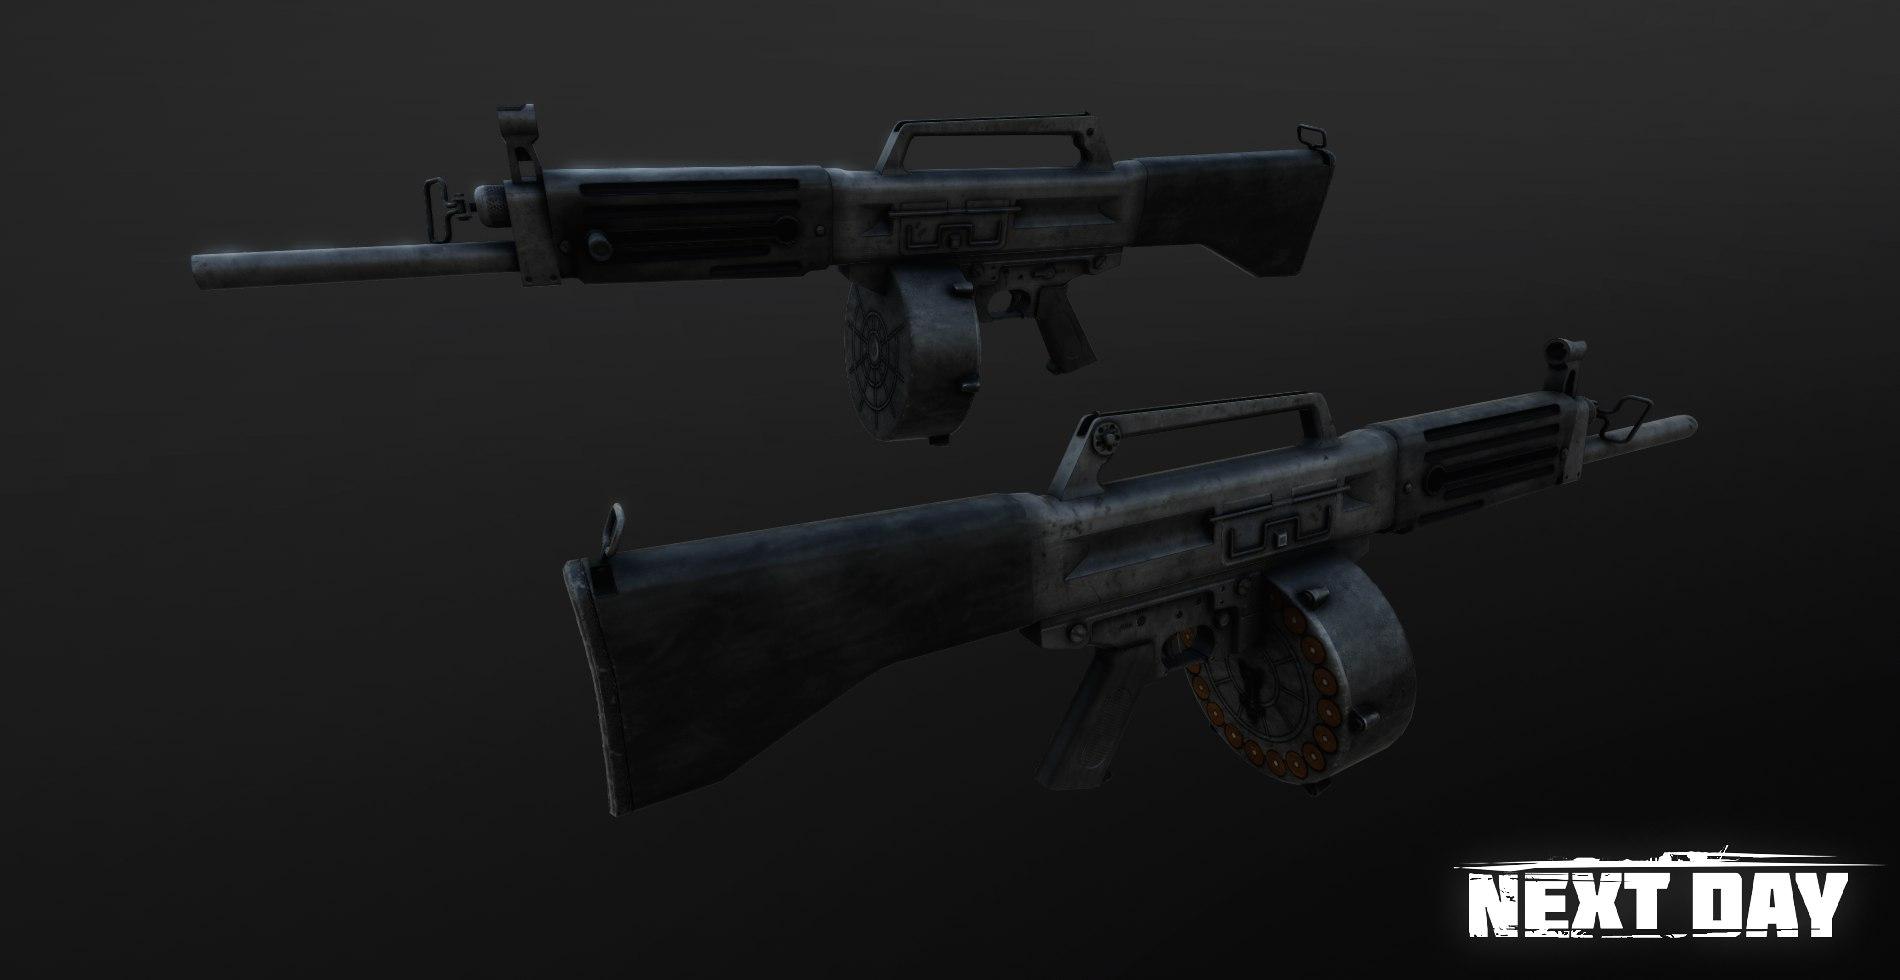 USAS-12 - Next Day: Survival Оружие